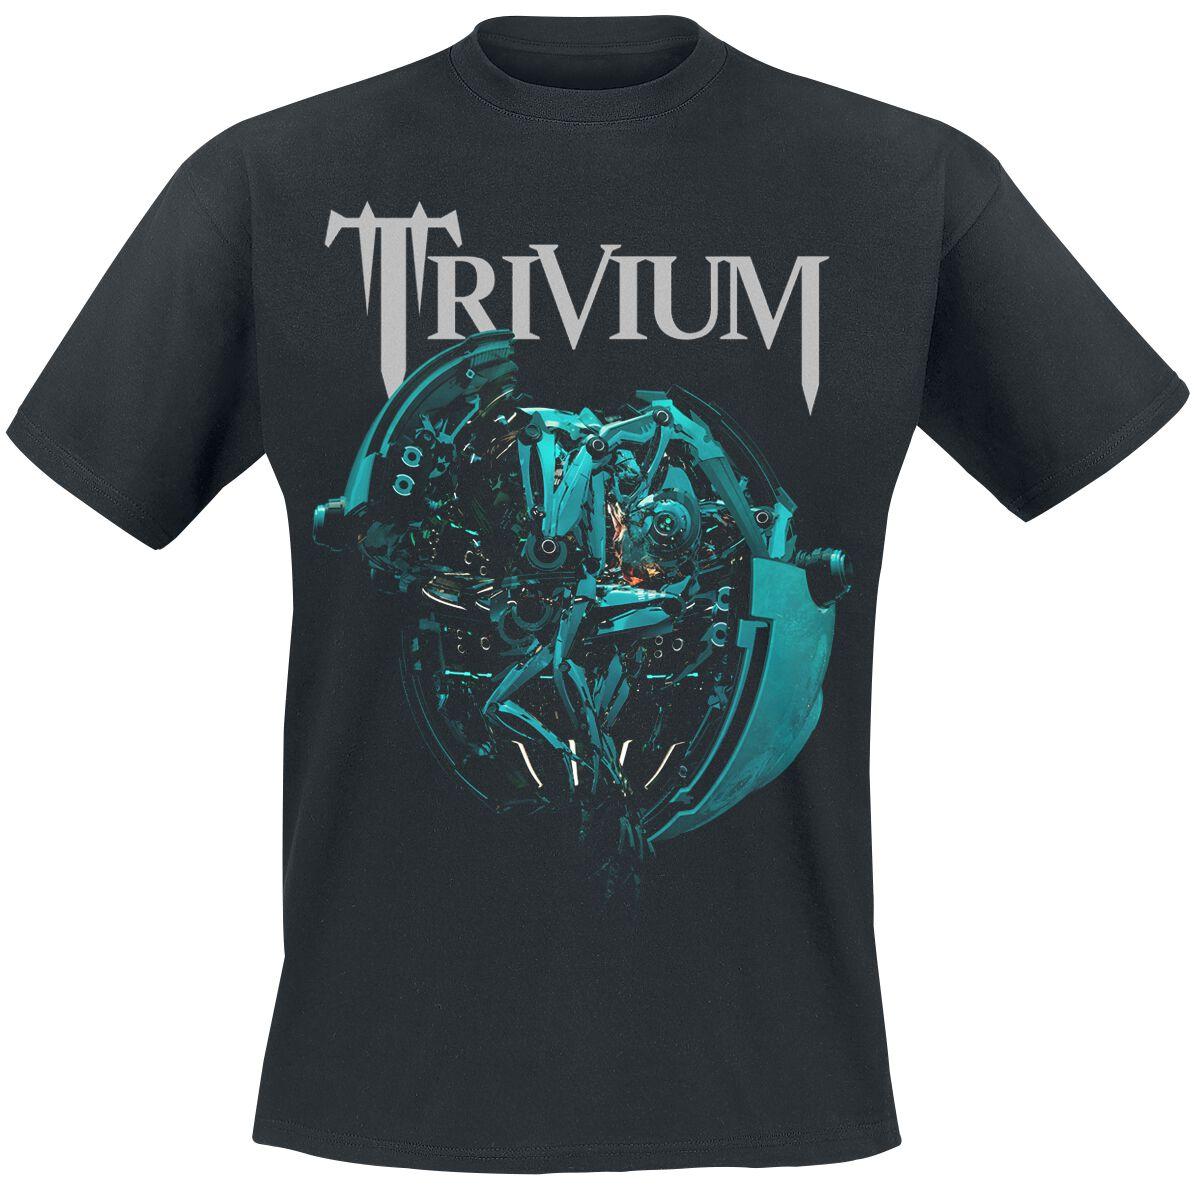 Zespoły - Koszulki - T-Shirt Trivium Orb T-Shirt czarny - 376929